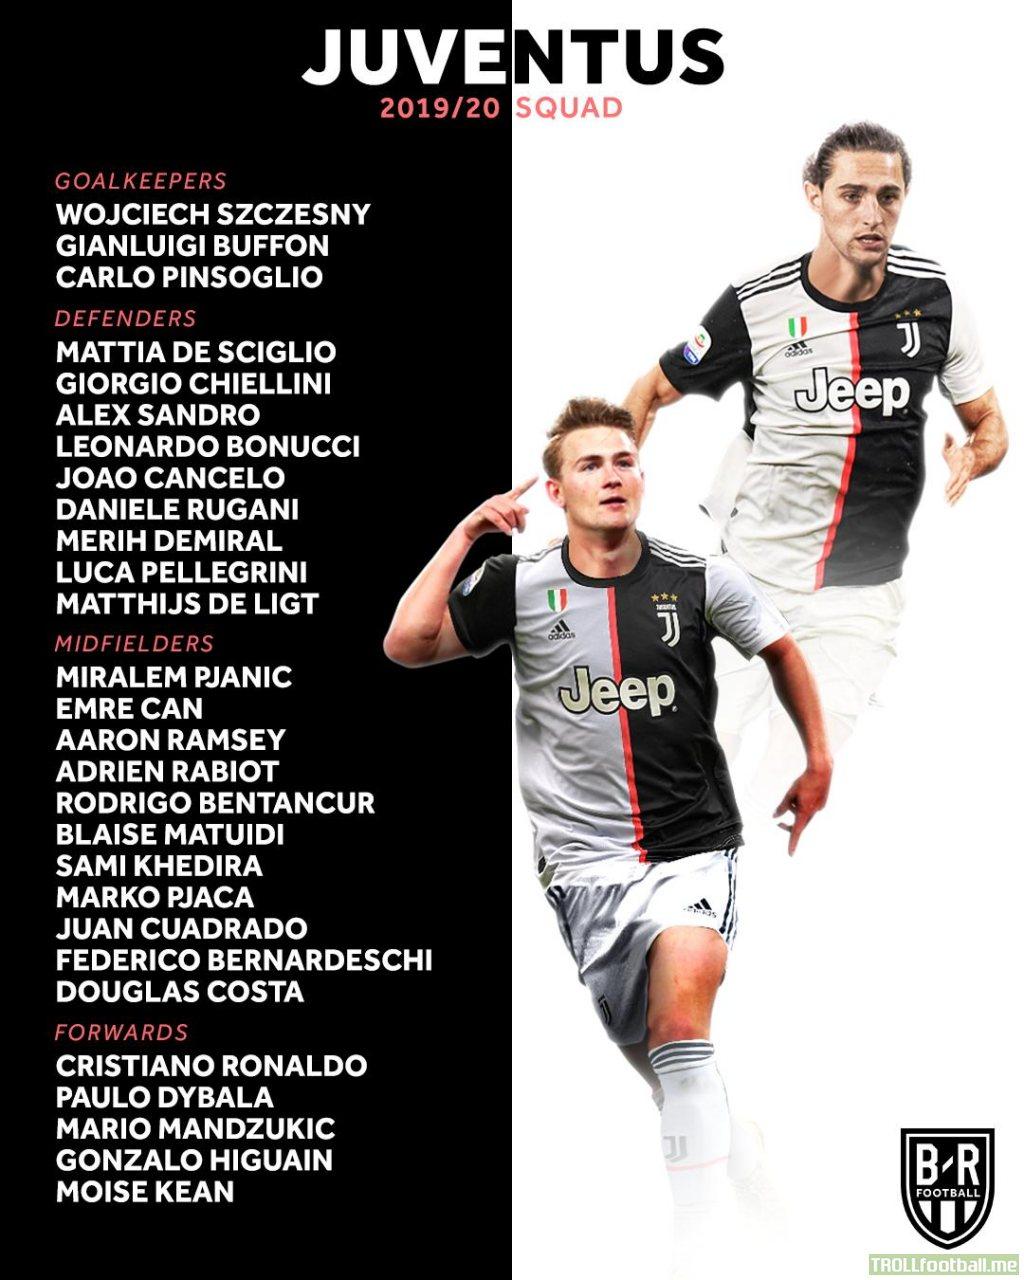 Juventus 19/20 squad (so far)